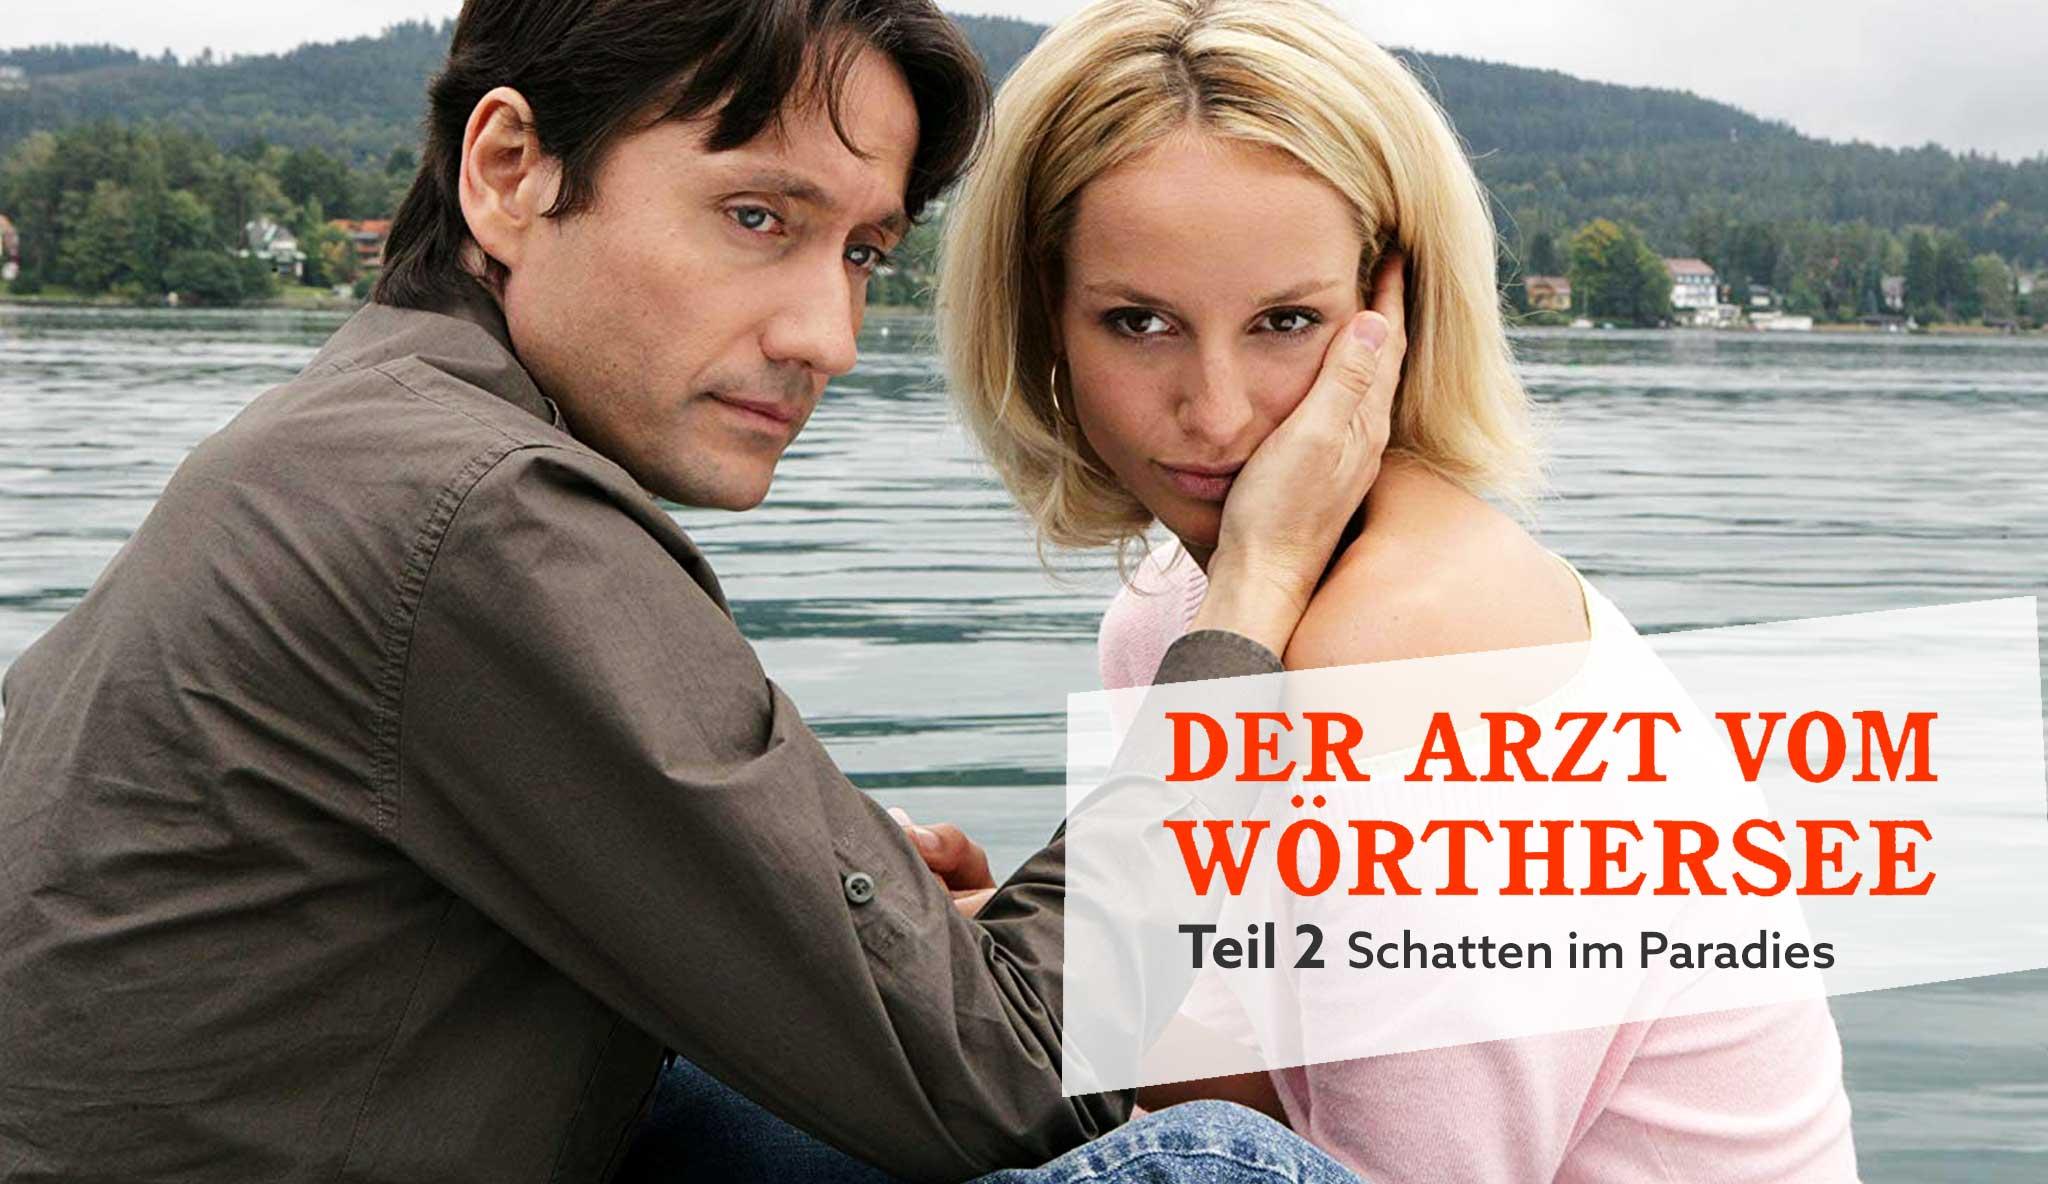 der-arzt-vom-worthersee-teil-2-schatten-im-paradies\header.jpg